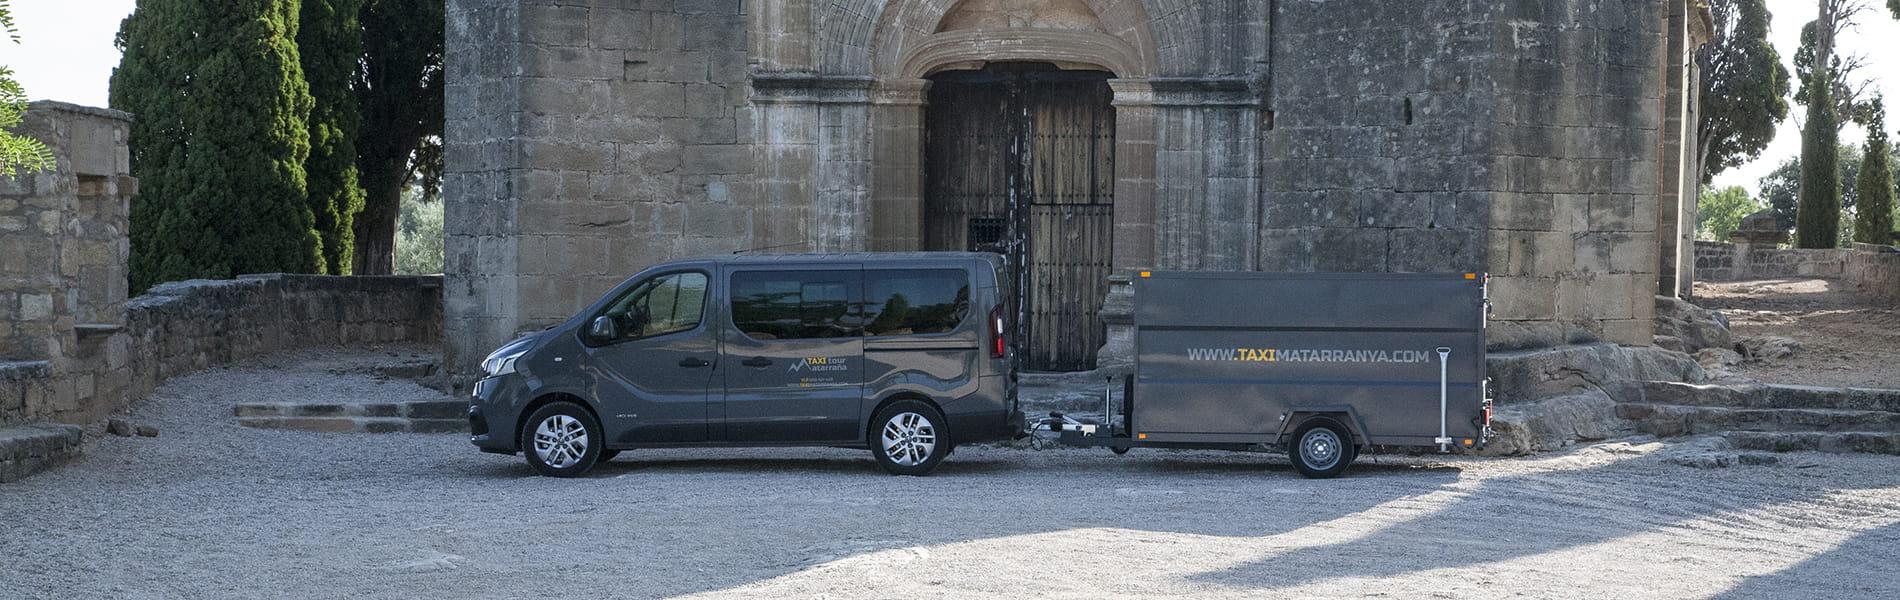 taxi matarranya tour